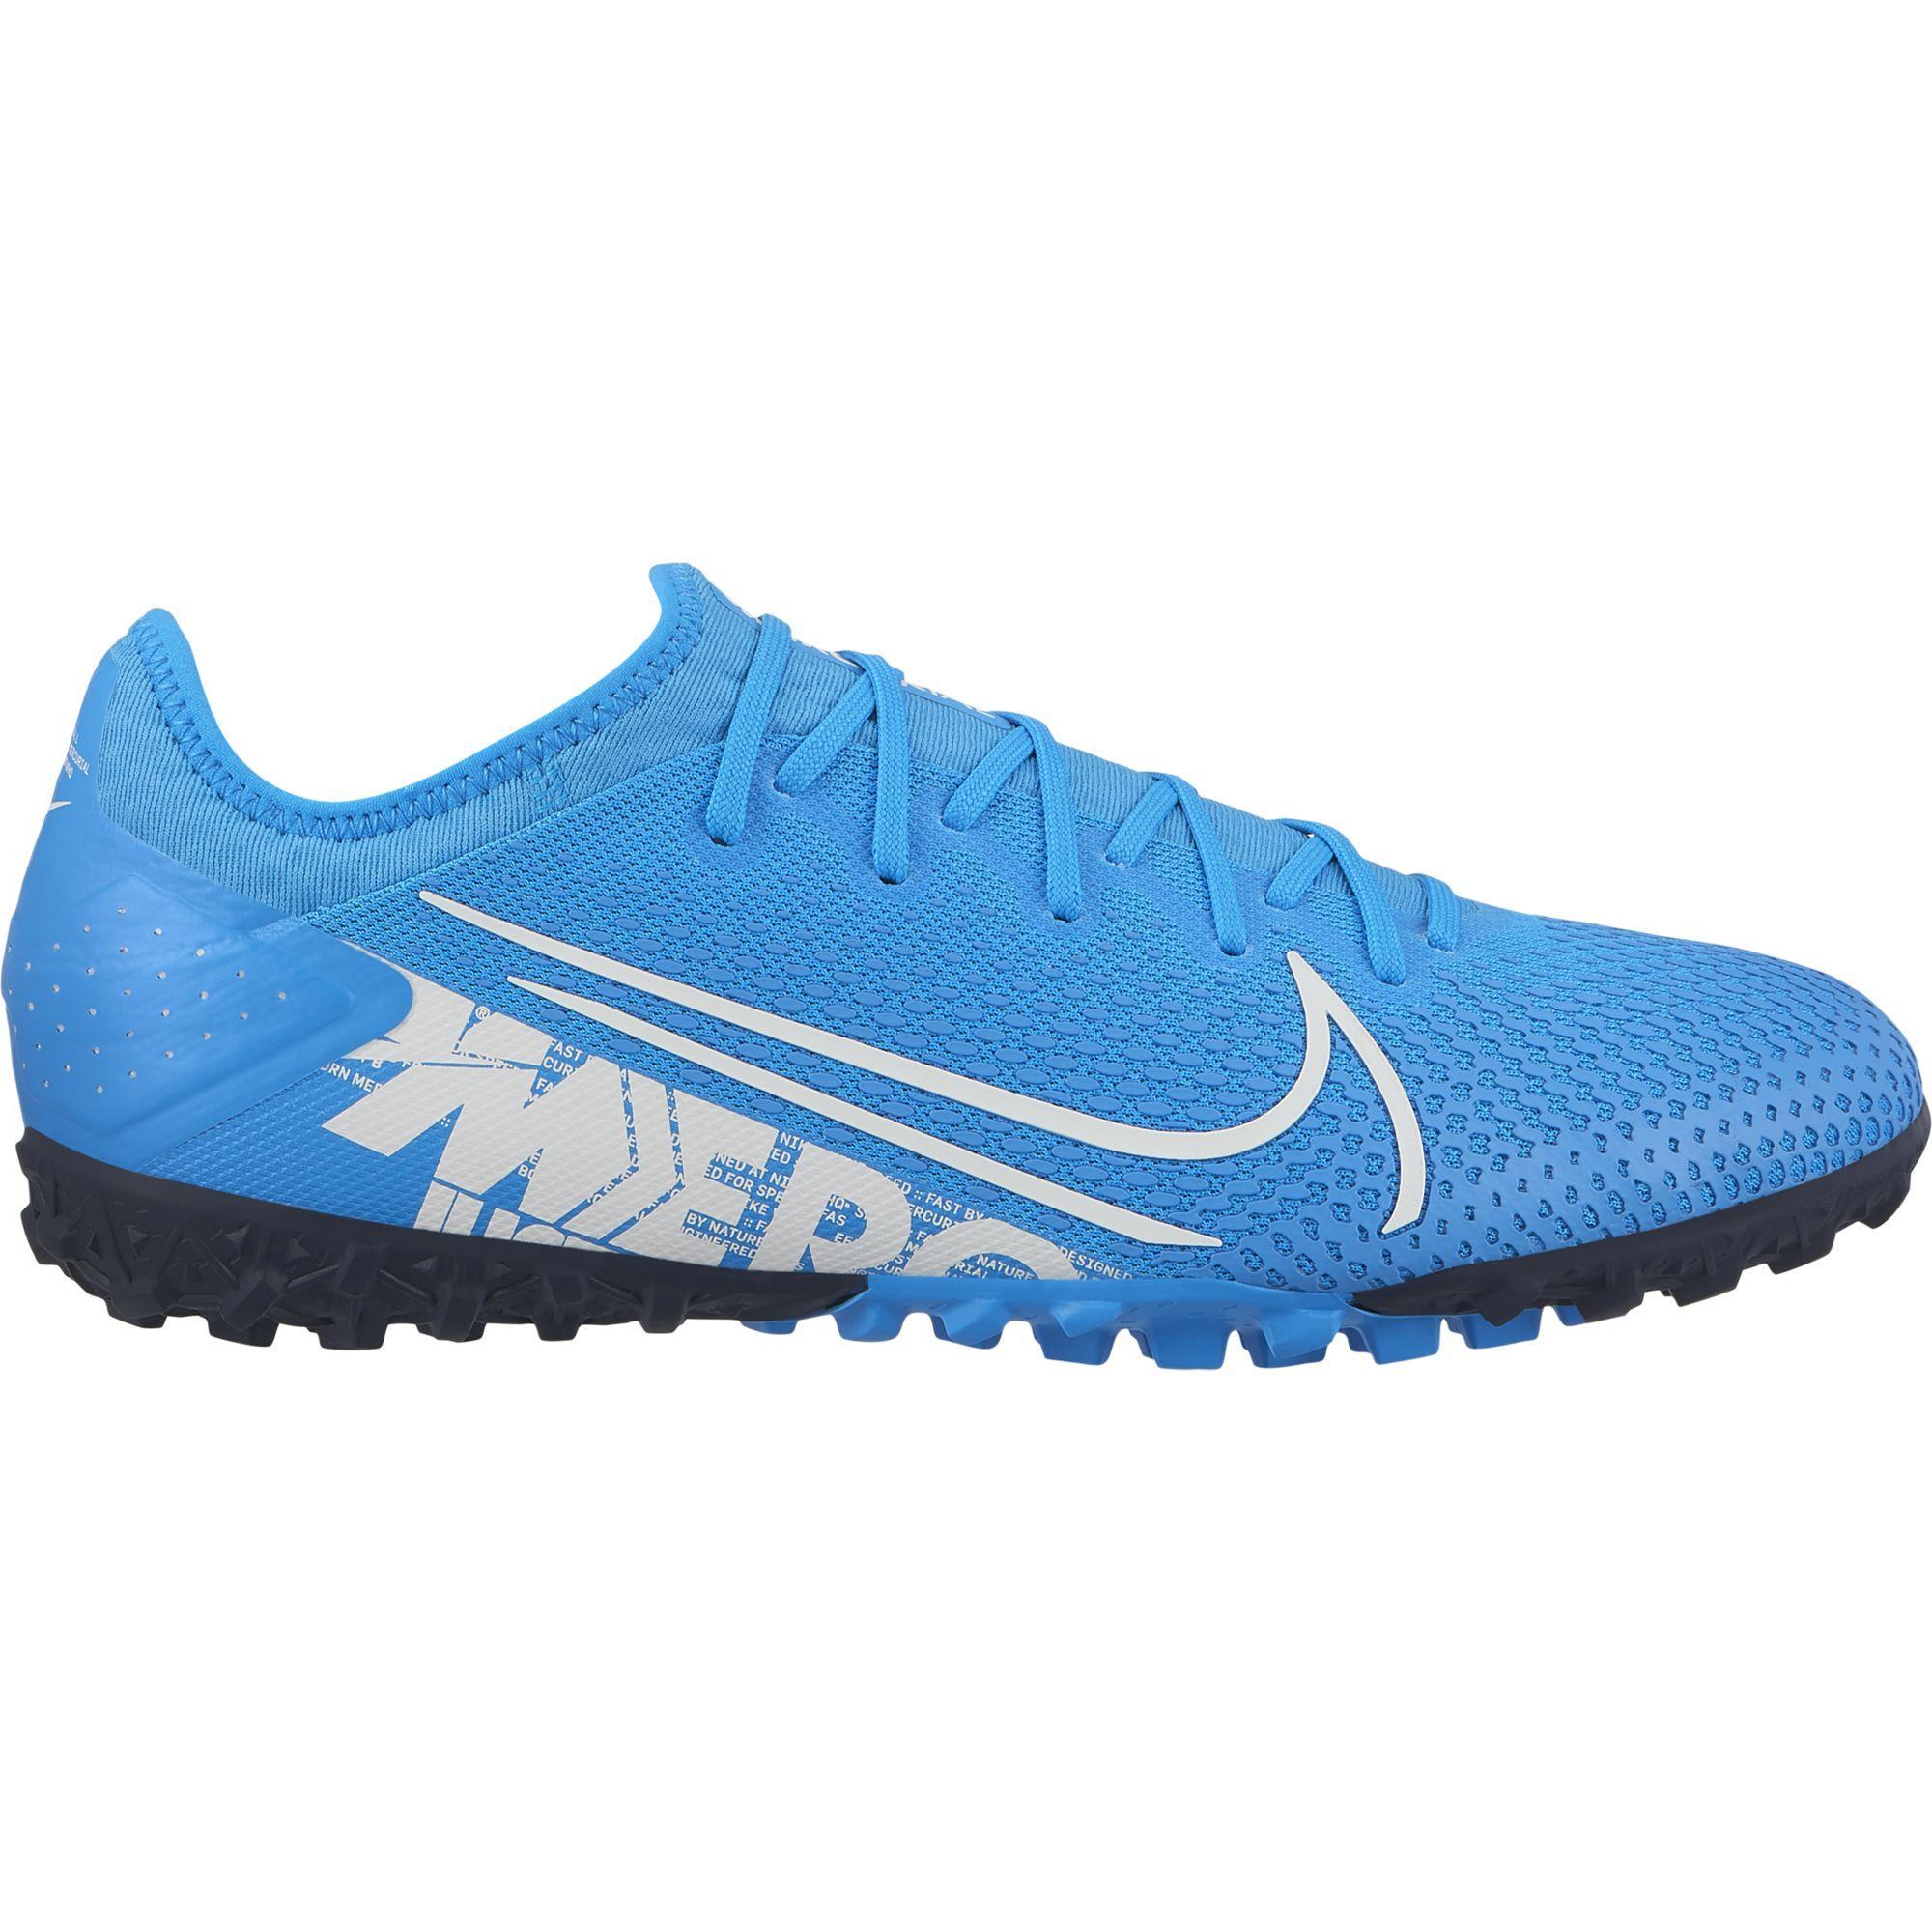 Nike Scarpe Calcetto Mercurial Vapor 13 Pro Tf